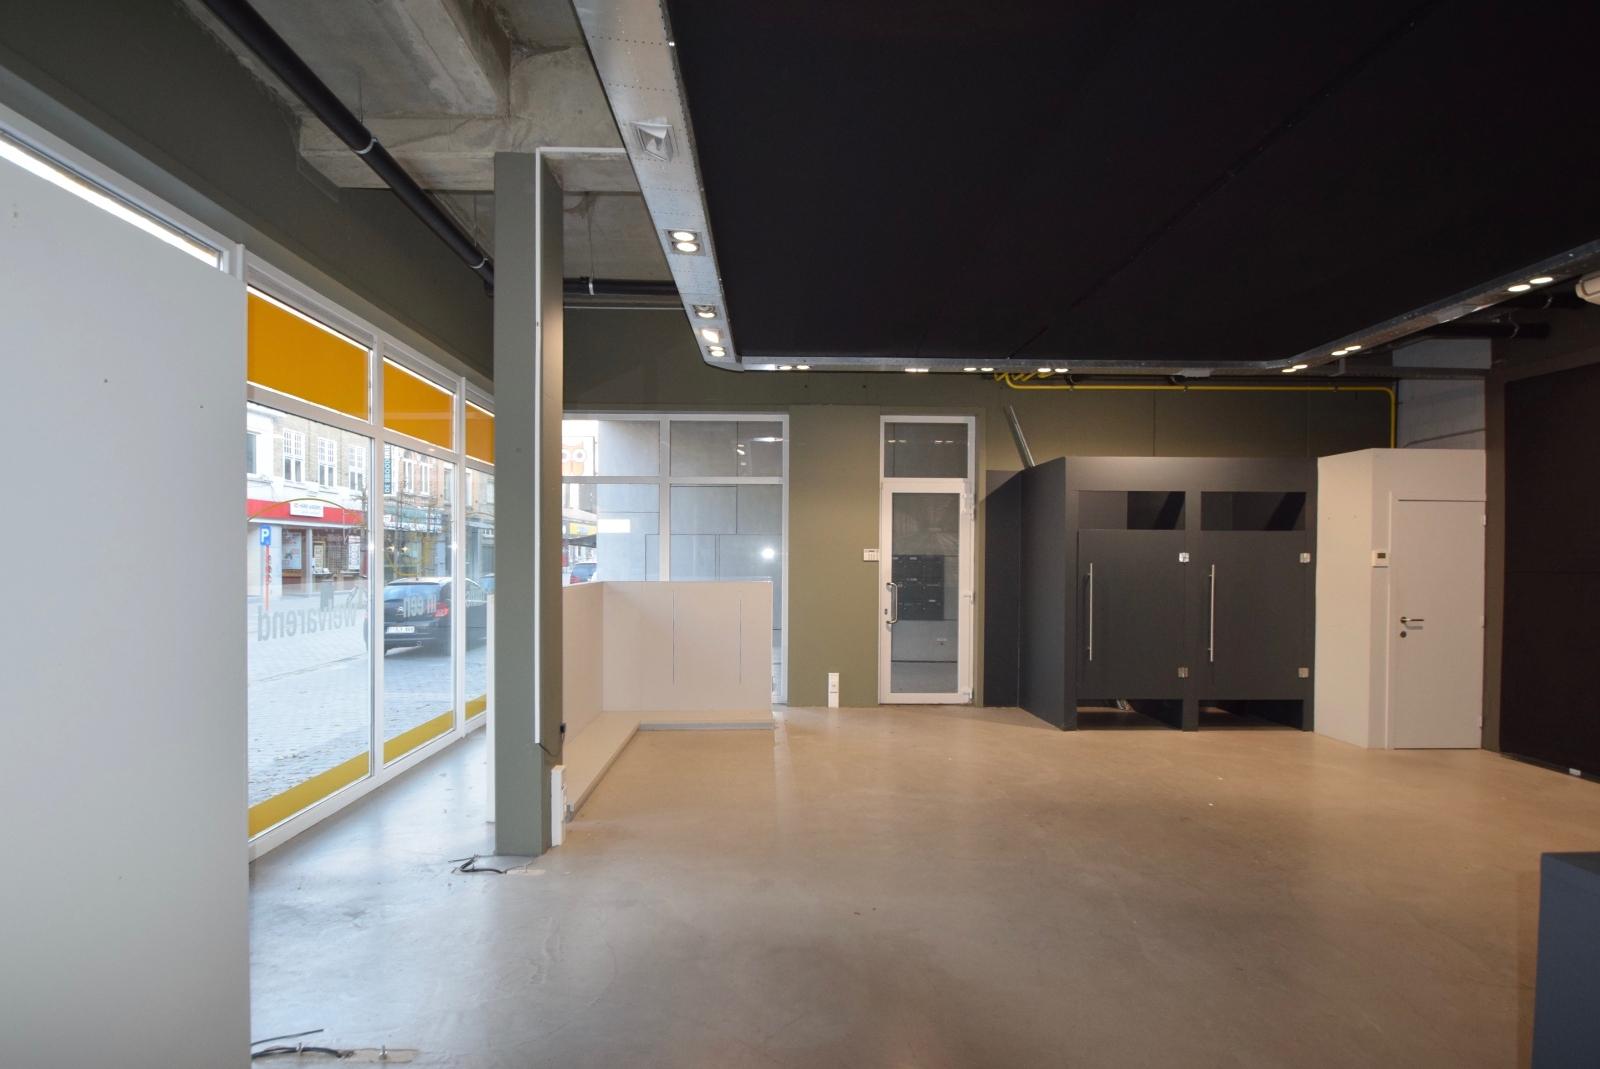 Goed gelegen commercieel handelspand te huur in hartje van Diksmuide - 3